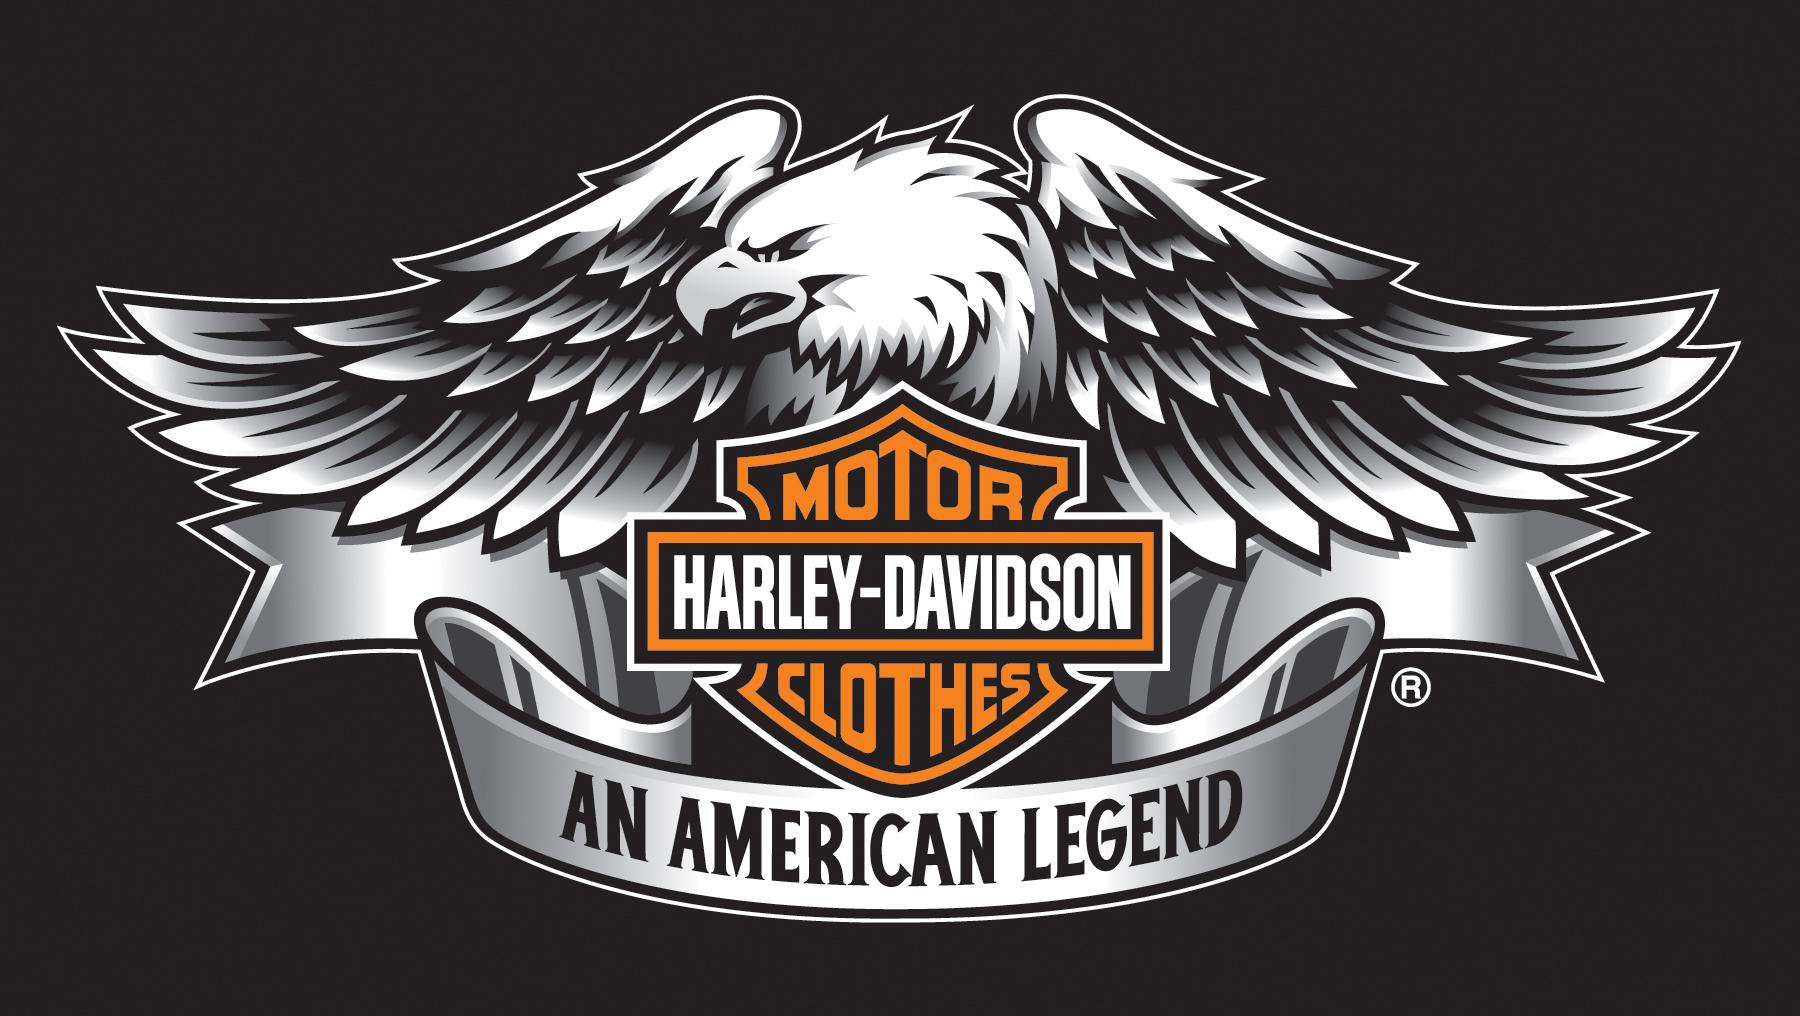 Harley Davidson Wings Logos